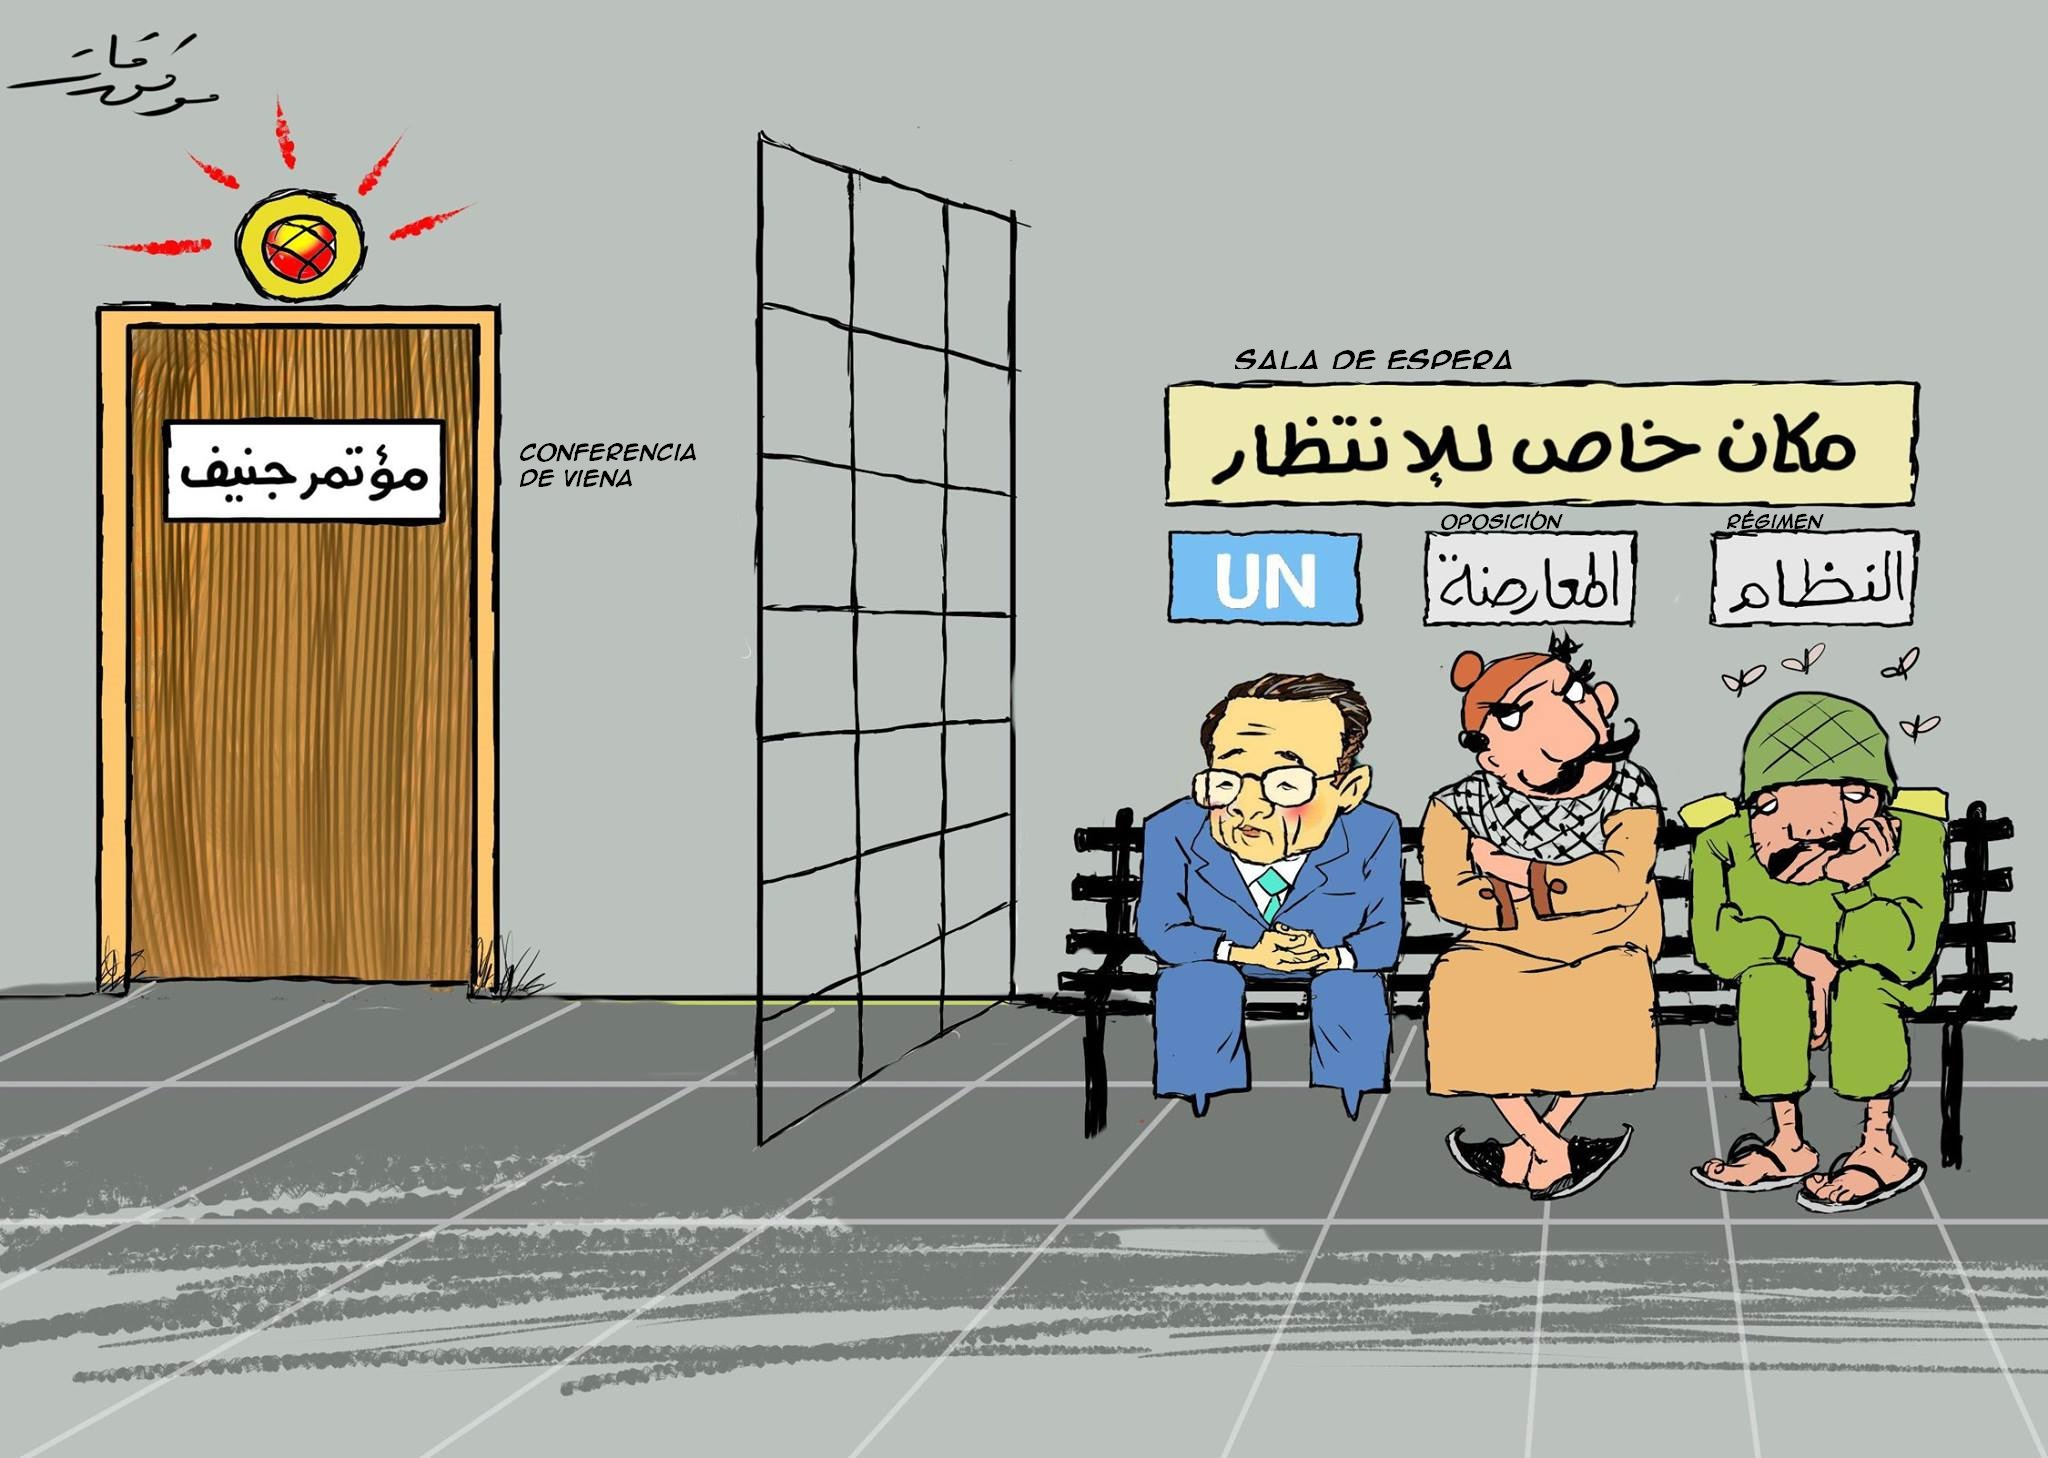 04-11-15, Muwafaq_Qat